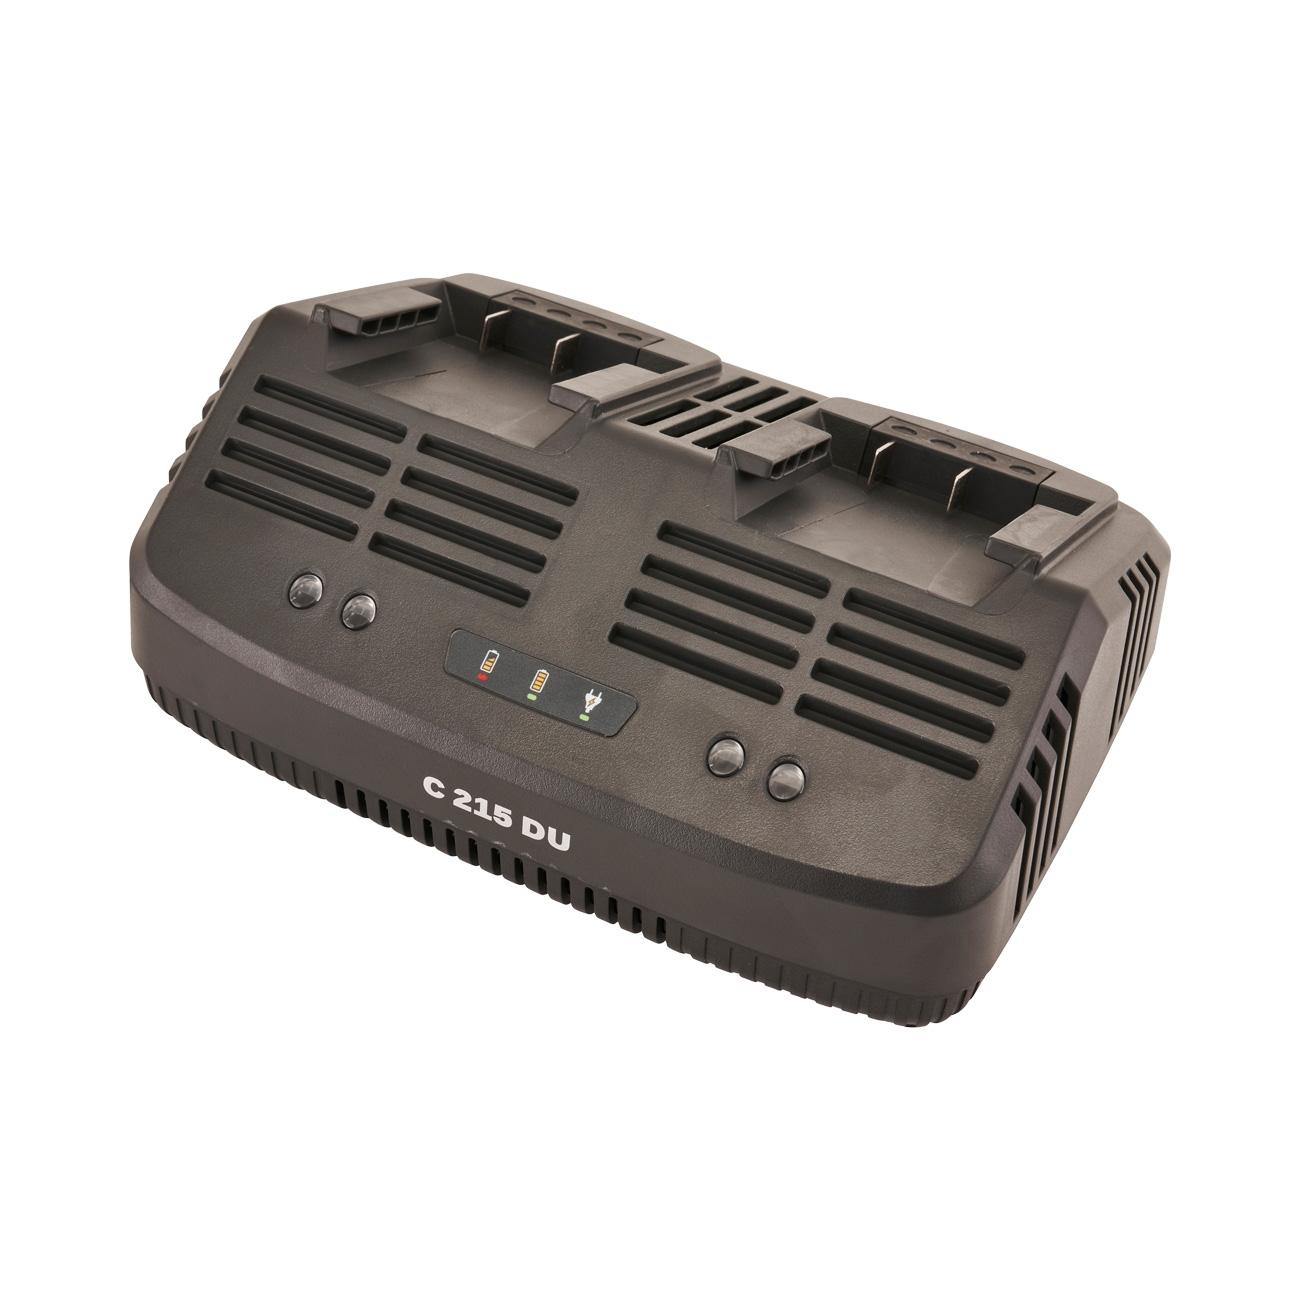 Image of Caricabatterie doppio Alpina C 215 D